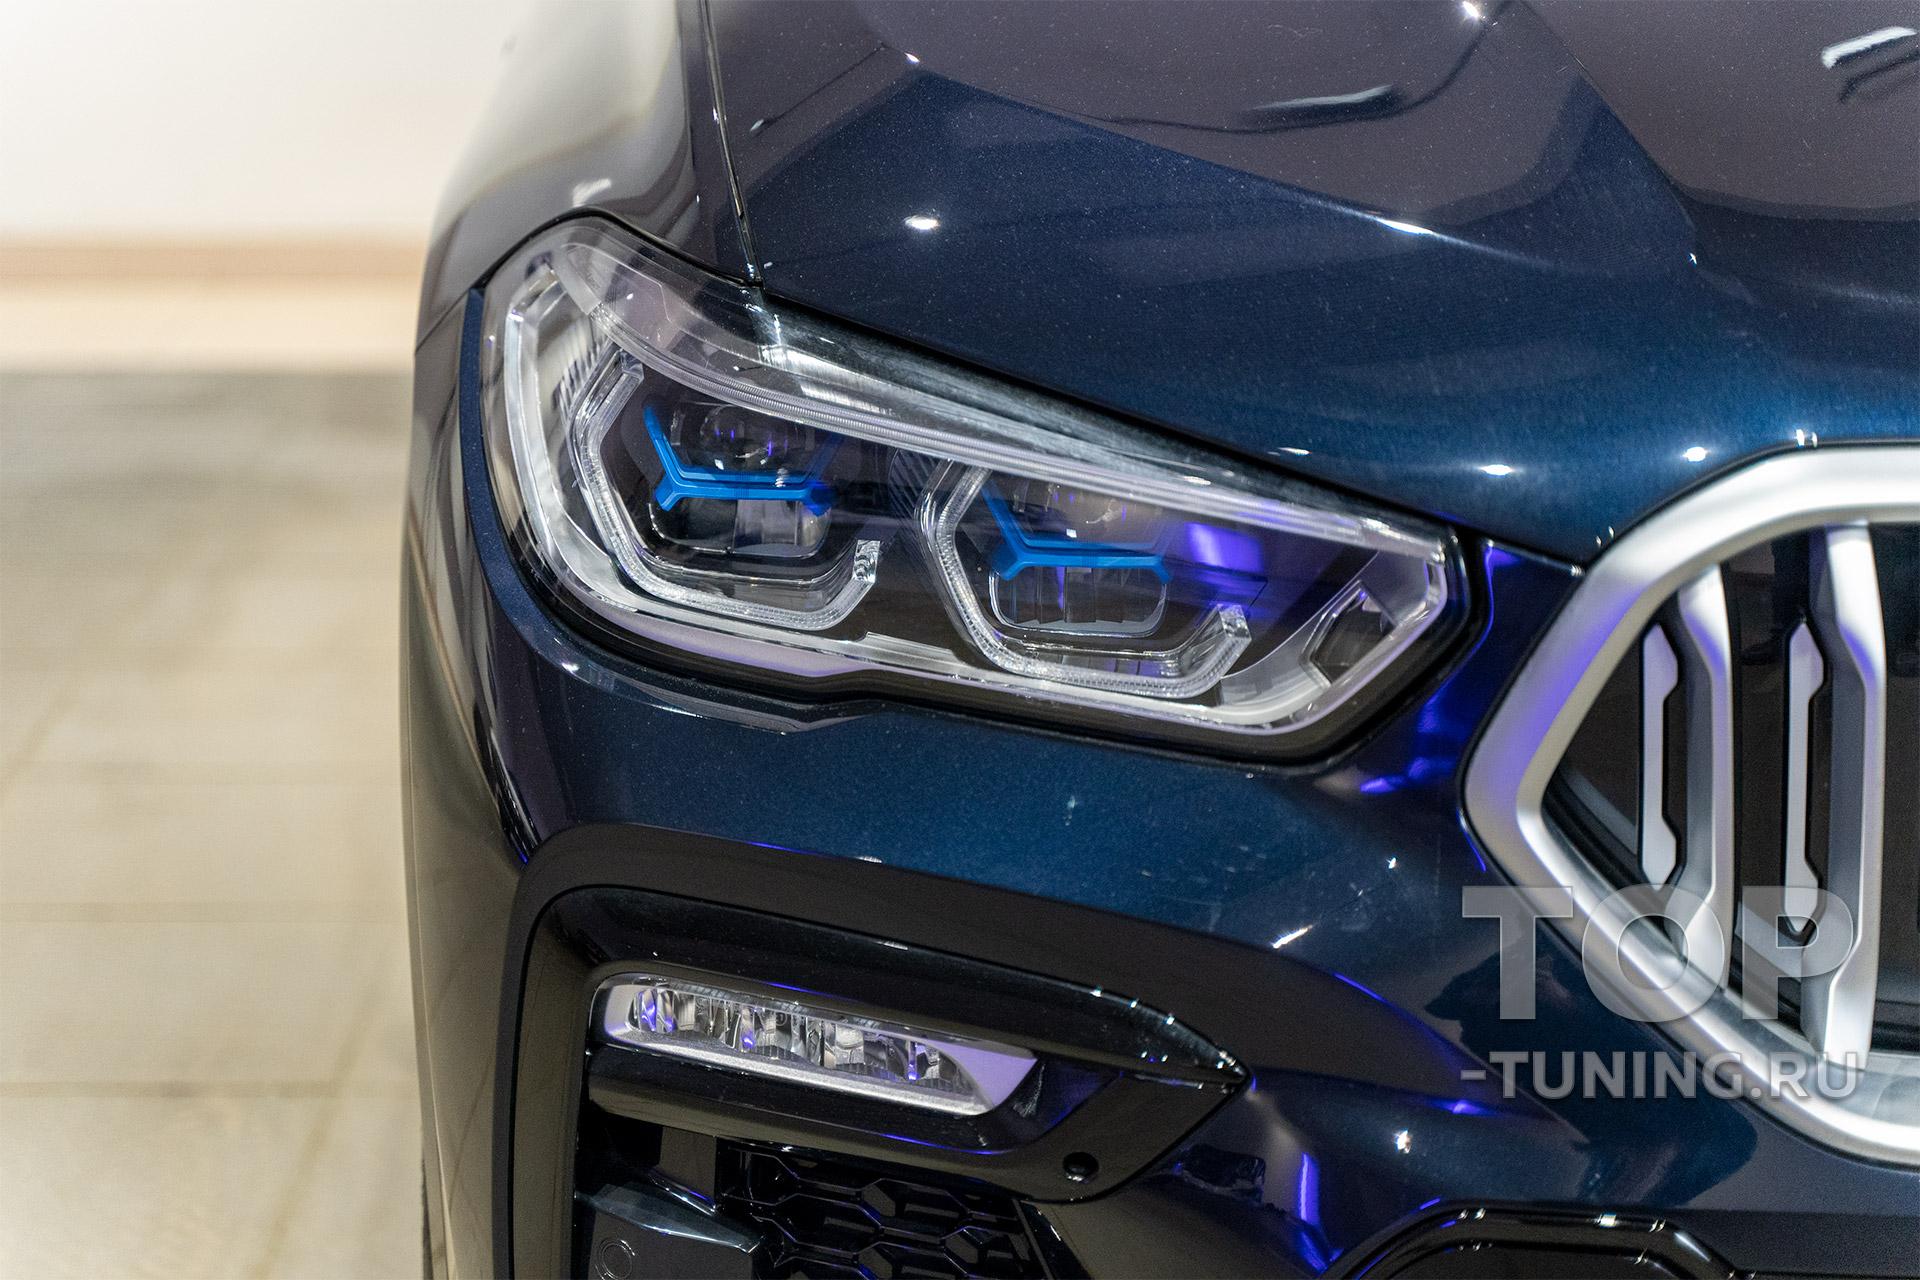 Лазерная оптика в новом БМВ х6 2020